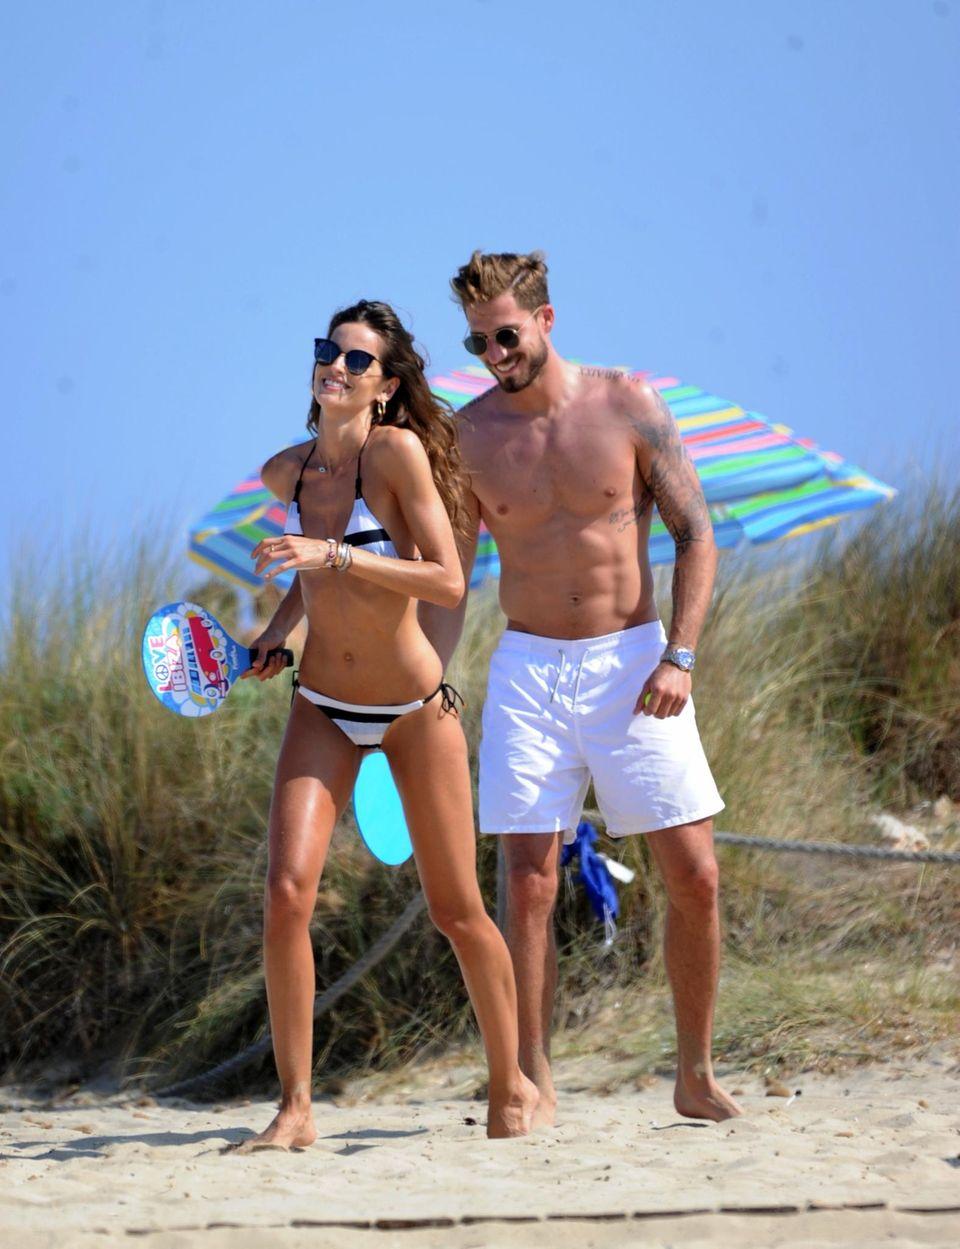 Wie sehr das Traumpärchen Izabel Goulart und Kevin Trapp ihren Sommerurlaub auf Ibiza genießen, sieht man auf diesem Bild wohl ganz gut. Und wir sind auch nur ein ganz klein wenig neidisch.